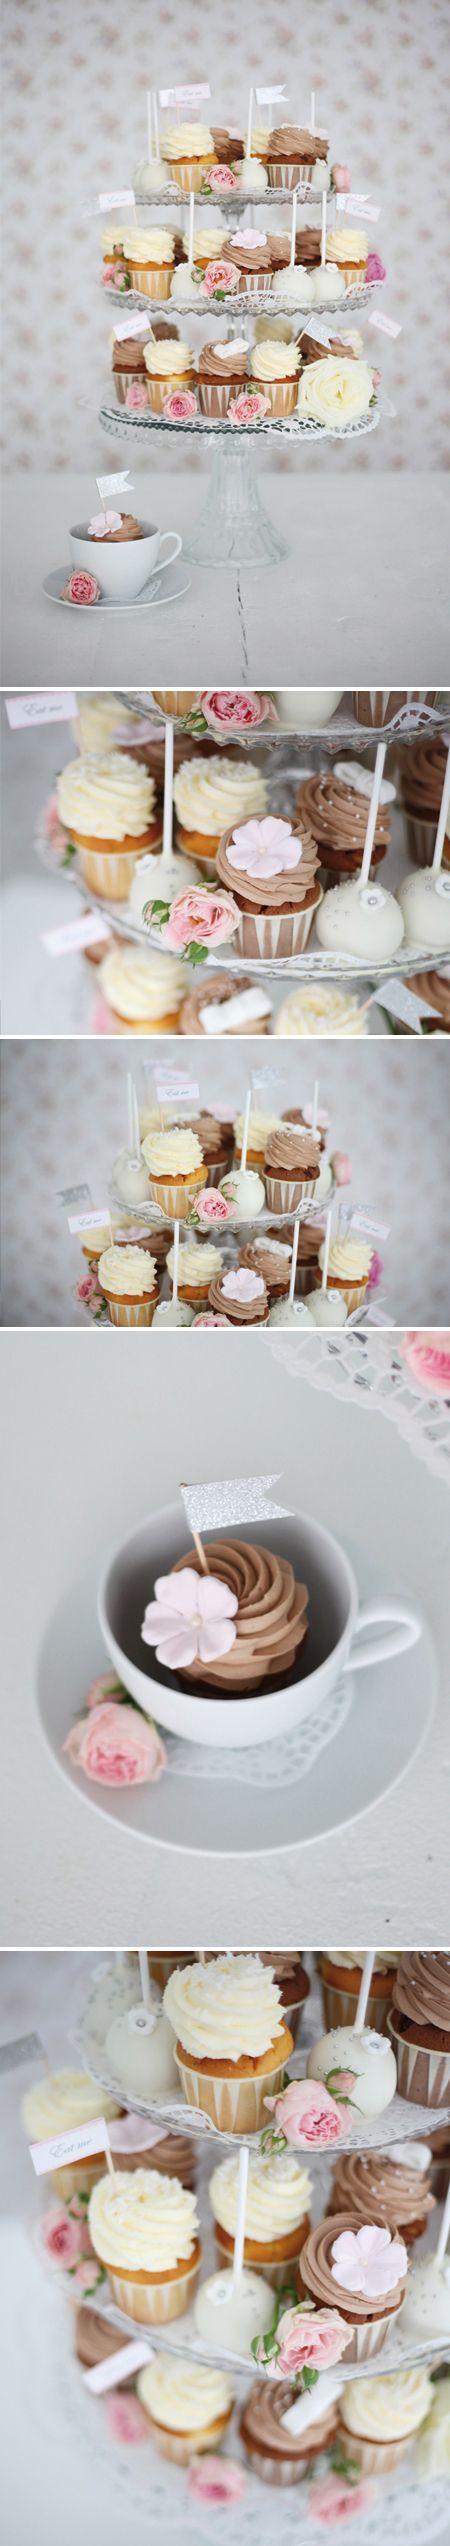 Hochzeit_Cupcakes_CakePops_Zuckermonarchie by http://www.blog.zuckermonarchie.de